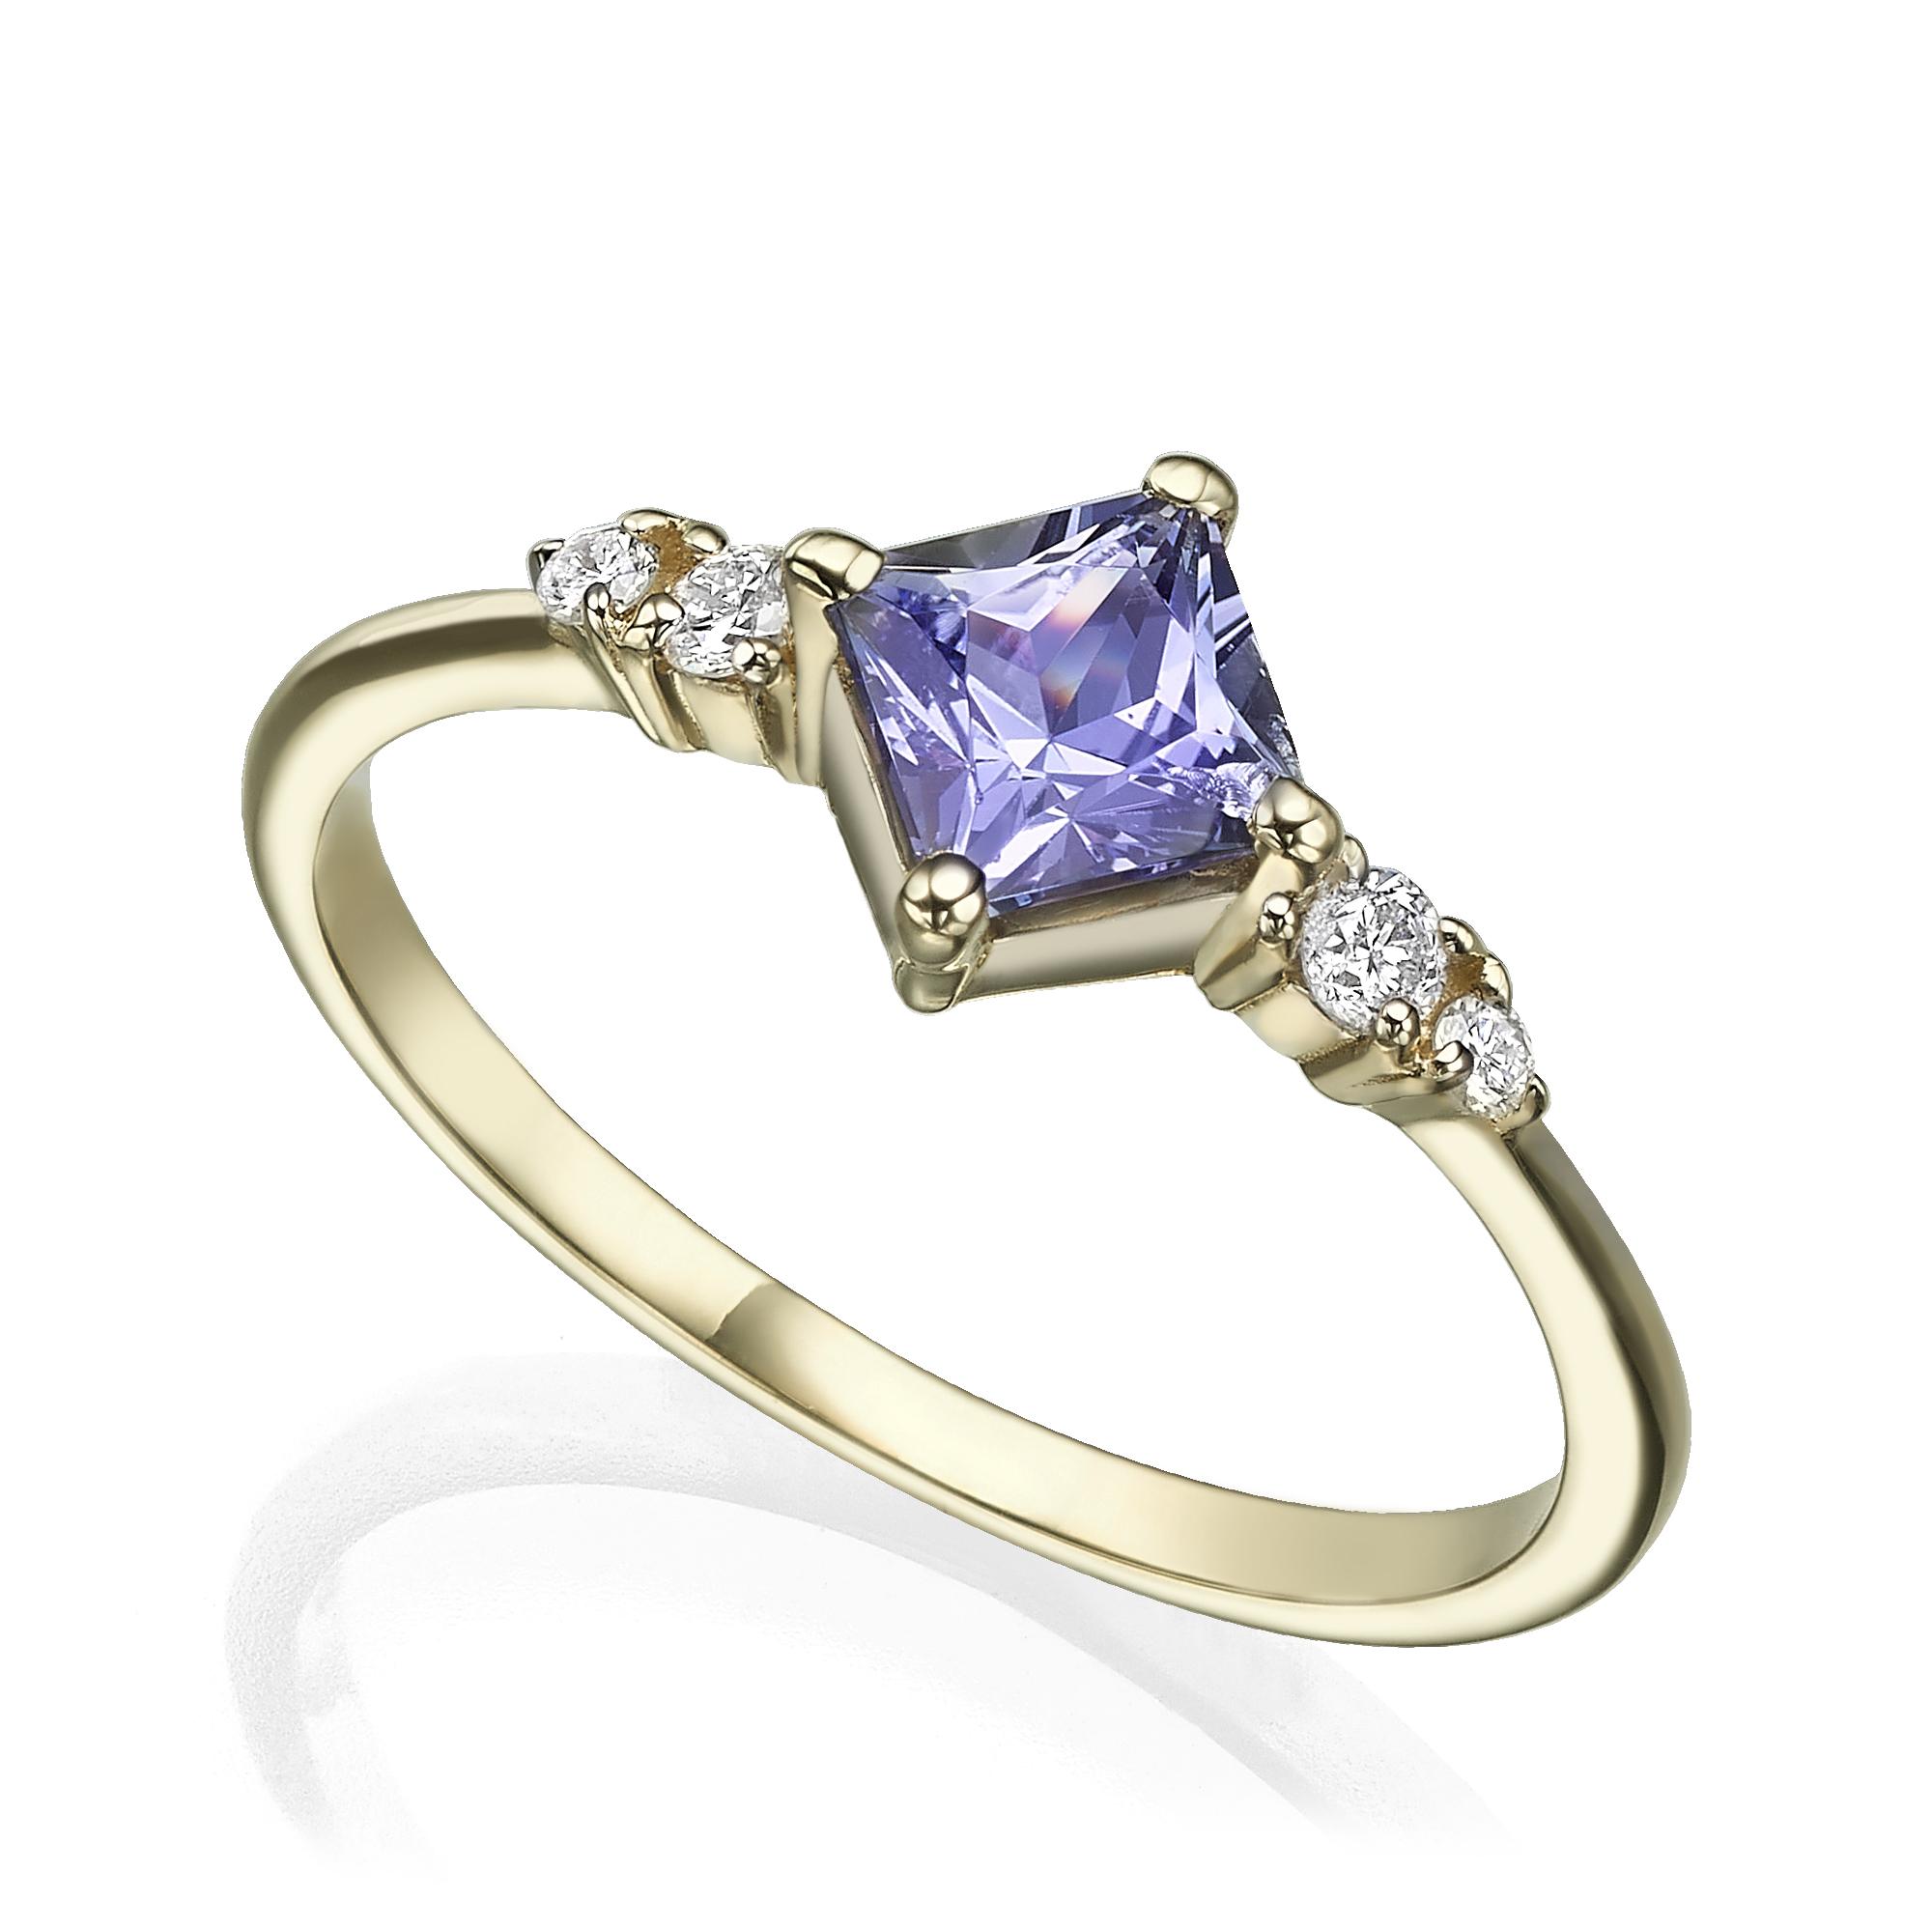 טבעת זהב משובצת טנזנייט בחיתוך פרינסס ויהלומים בצדדים